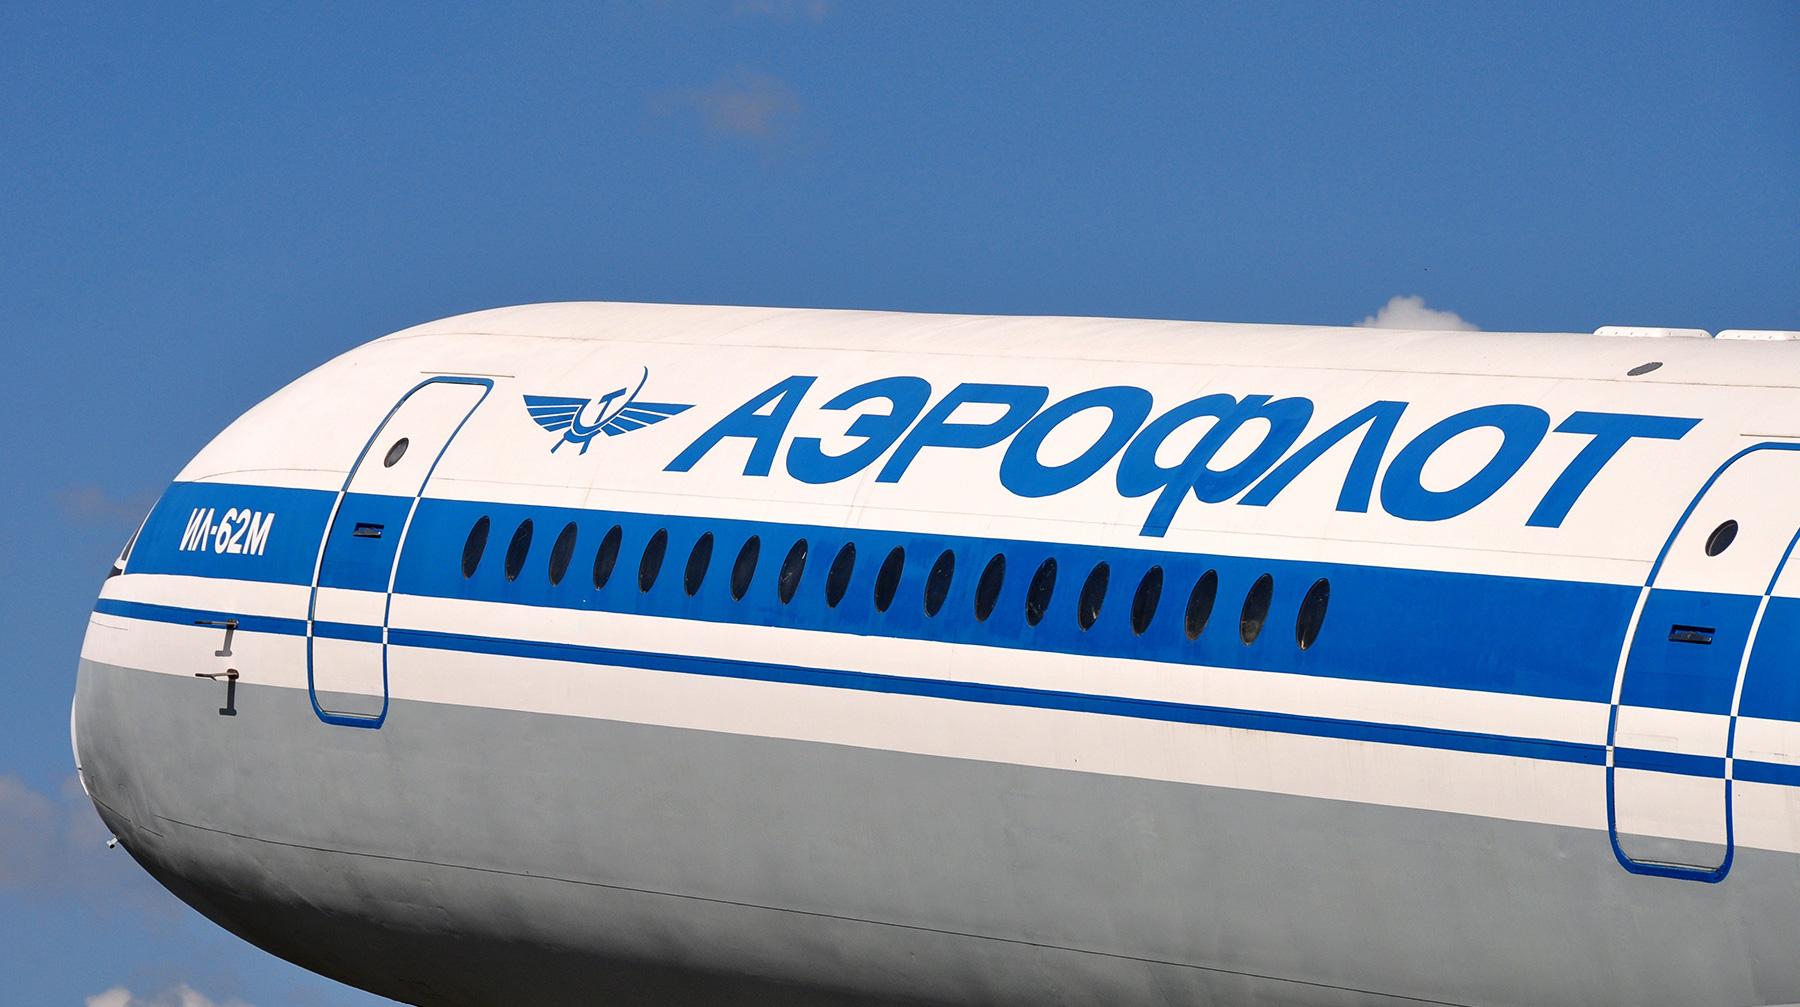 После 14 февраля контейнеры для перевозки животных в салоне самолета станут меньше